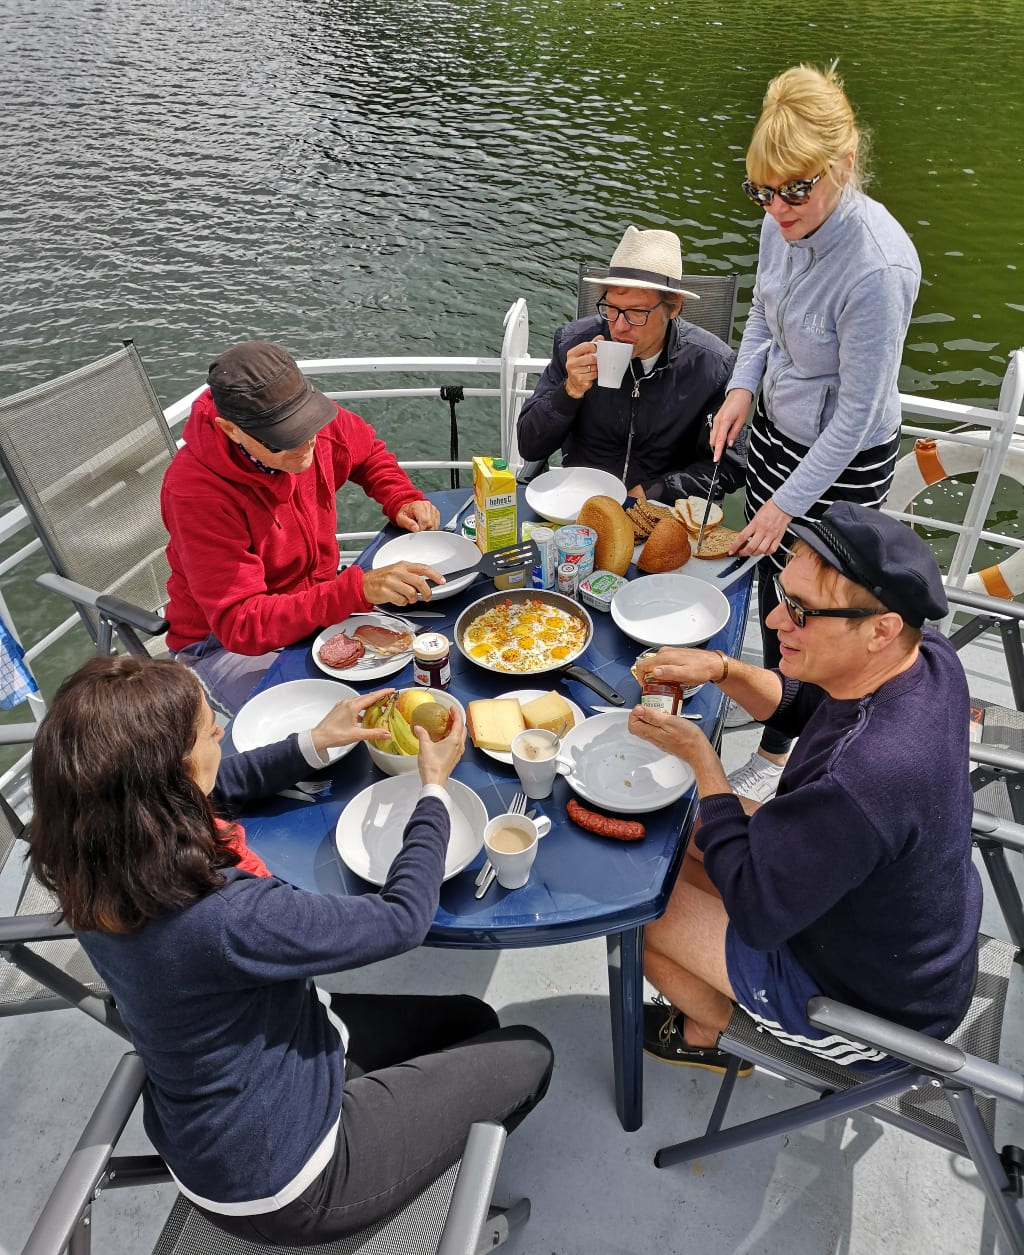 Menschen frühstücken auf Deck eines Bootes